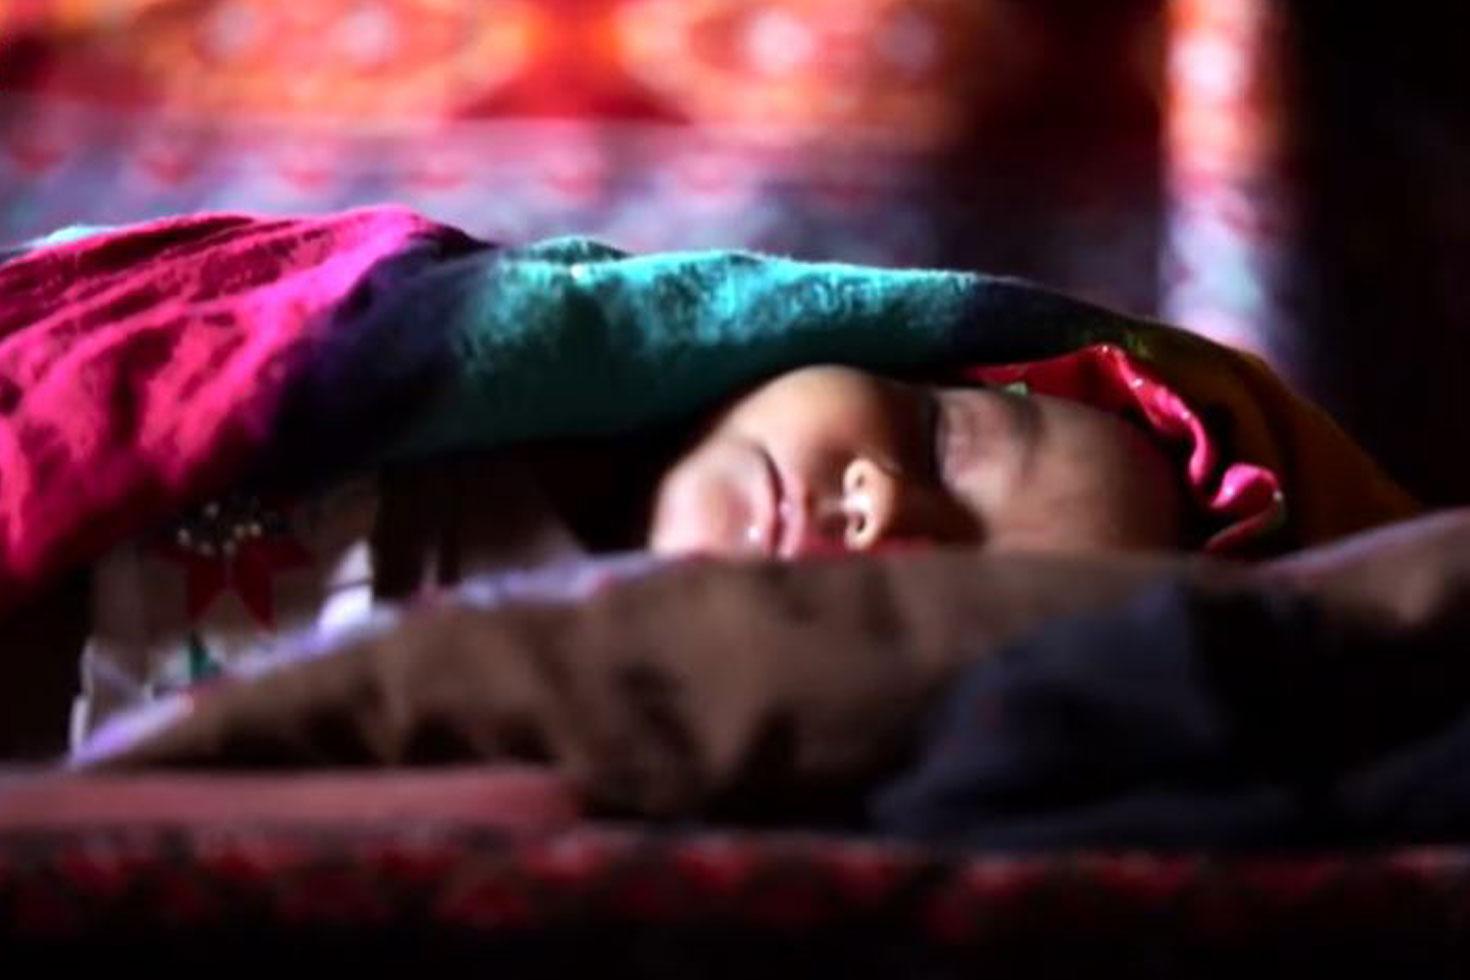 ৫০০ ডলারে বিক্রি হলো আফগান কন্যাশিশুটি